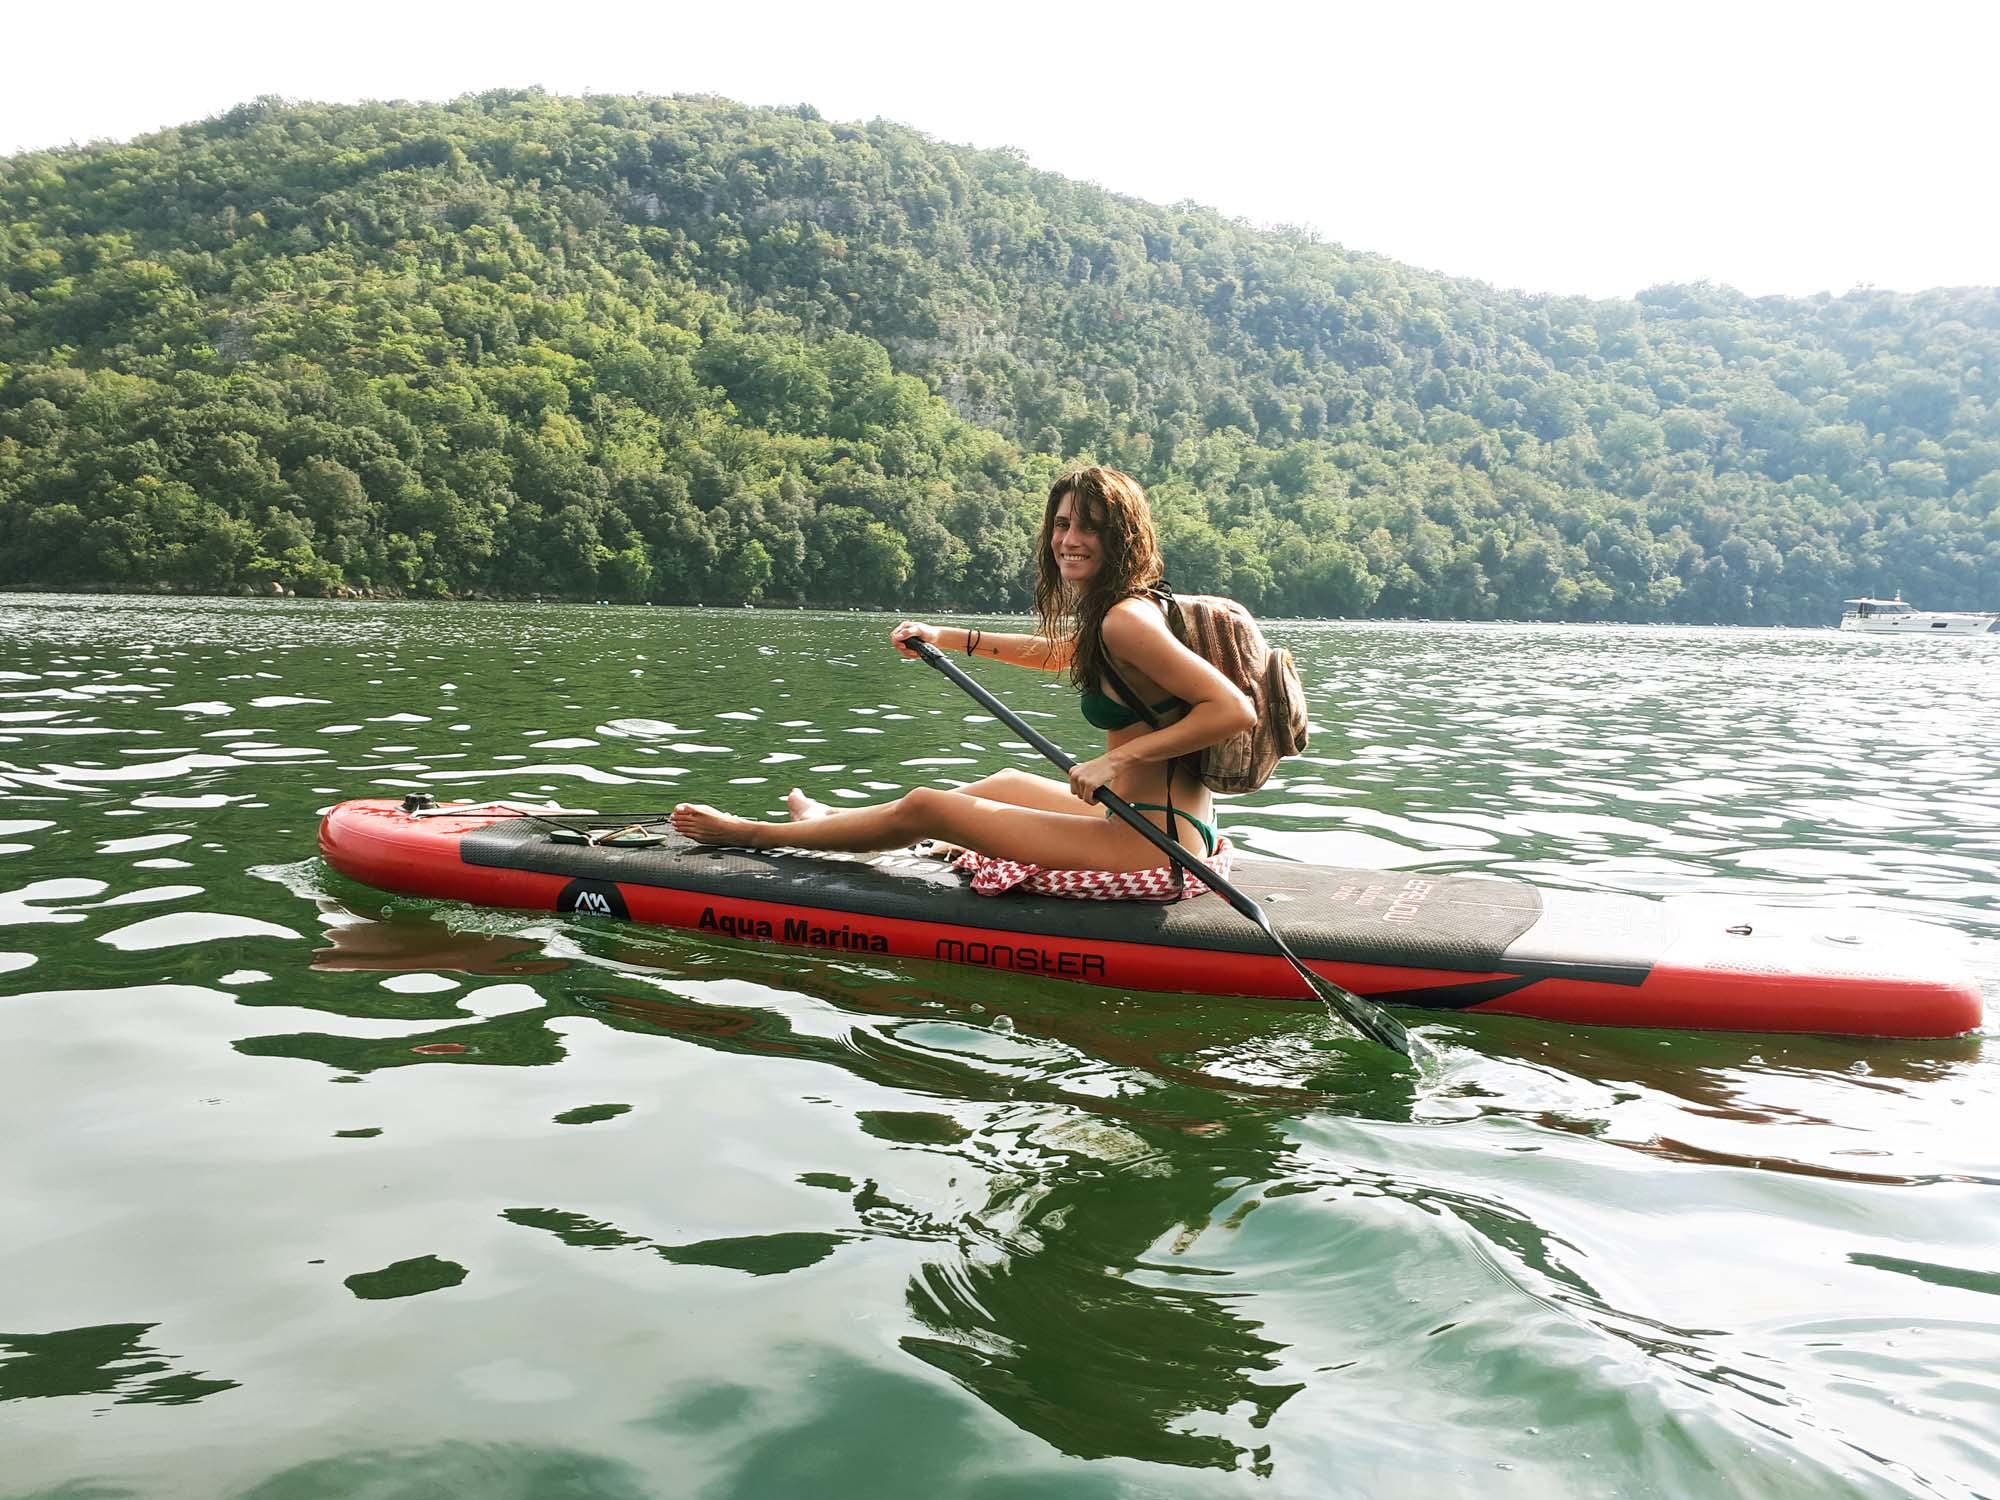 Five Elements - SUP - Yoga & Adventure retreat in Croatia